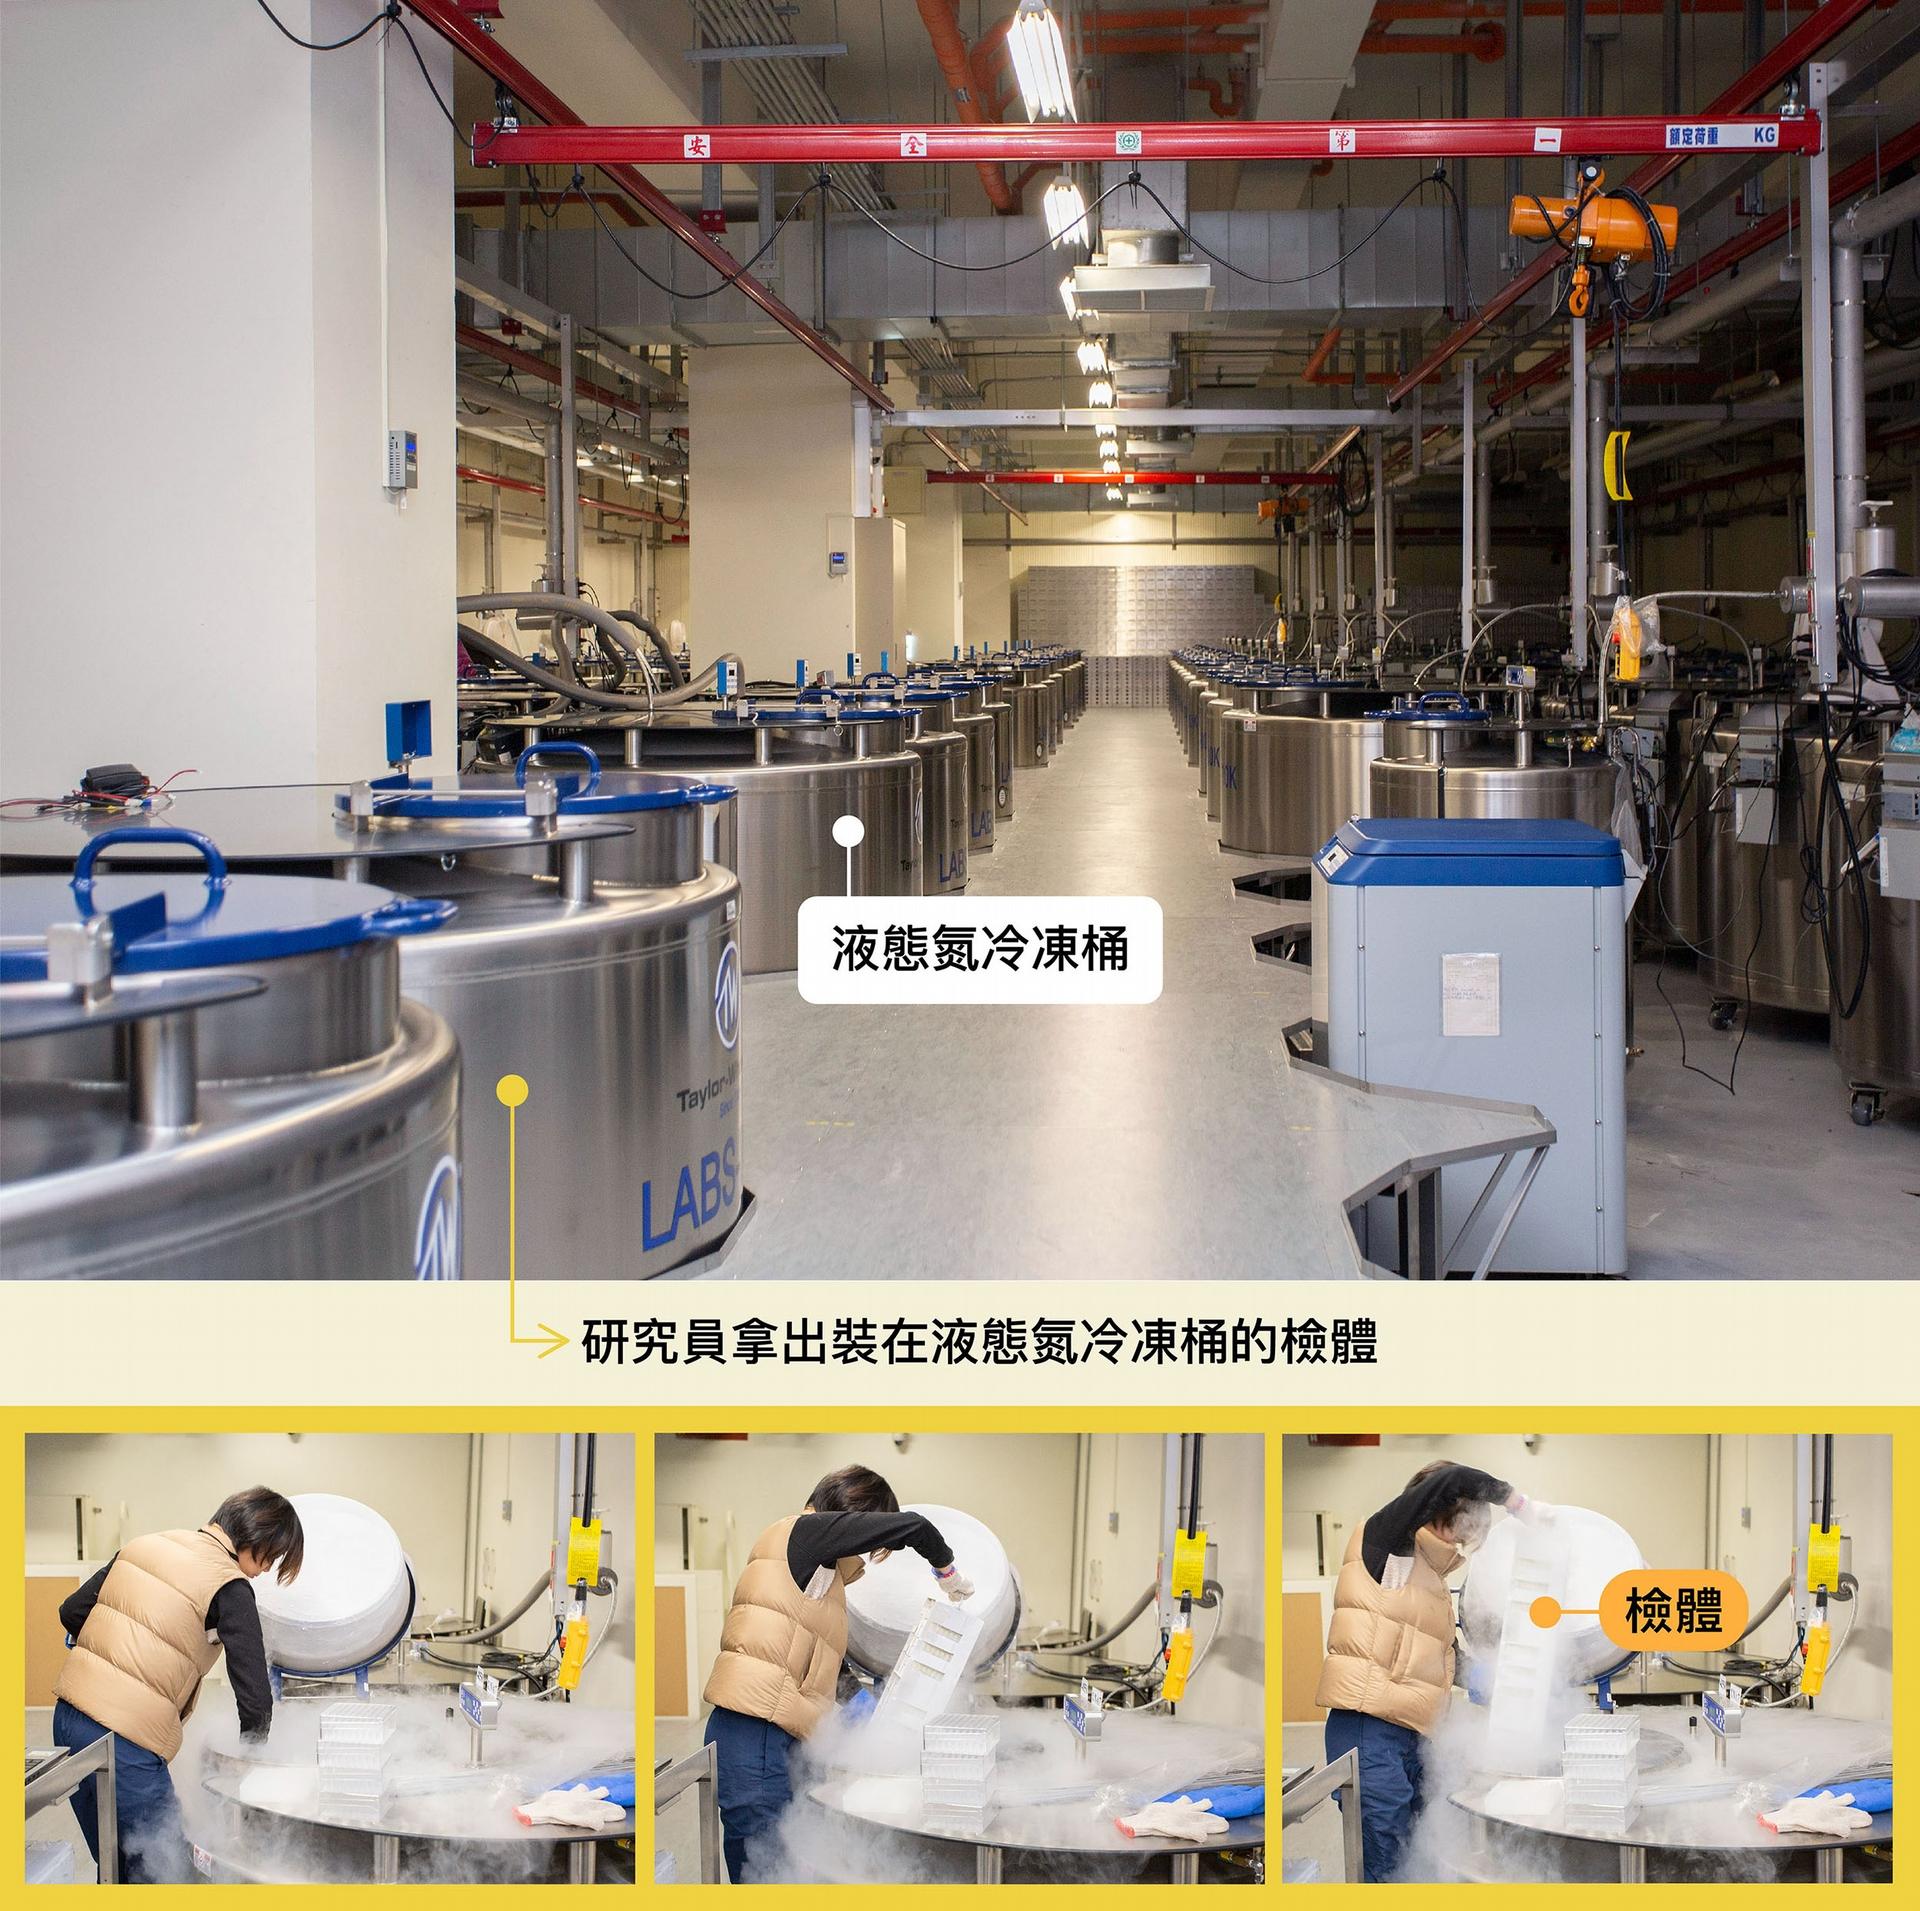 珍貴的檢體裝在冷凍管,部分儲存在攝氏零下 180 度液態氮冷凍桶中,檢體總數量已達300萬管。 圖│研之有物